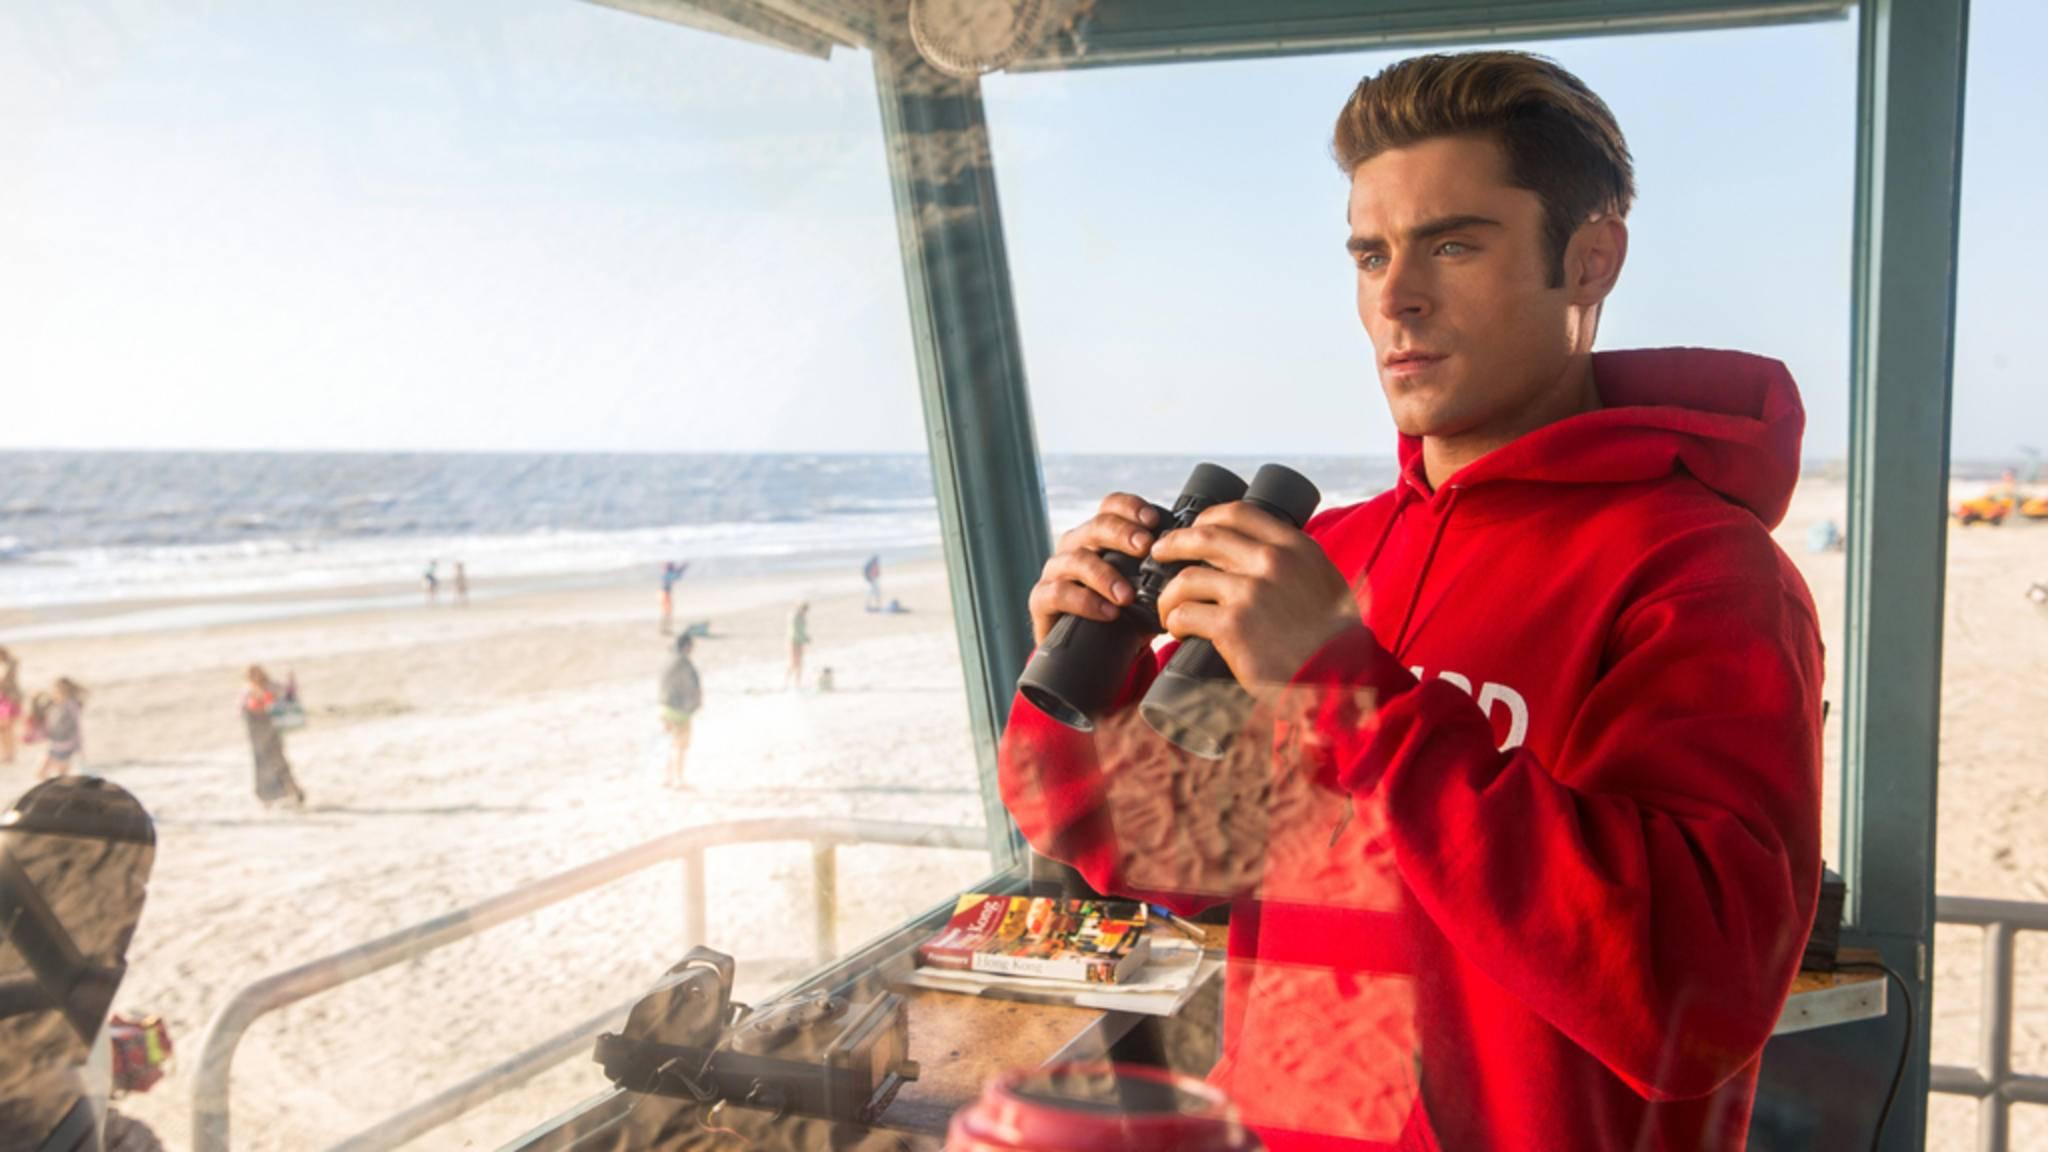 """Vom Bademeister zum Serienkiller: Ab Juni wird Zac Efron mit """"Baywatch"""" die deutschen Kinos erobern, bevor er als Ted Bundy vor die Kamera tritt."""